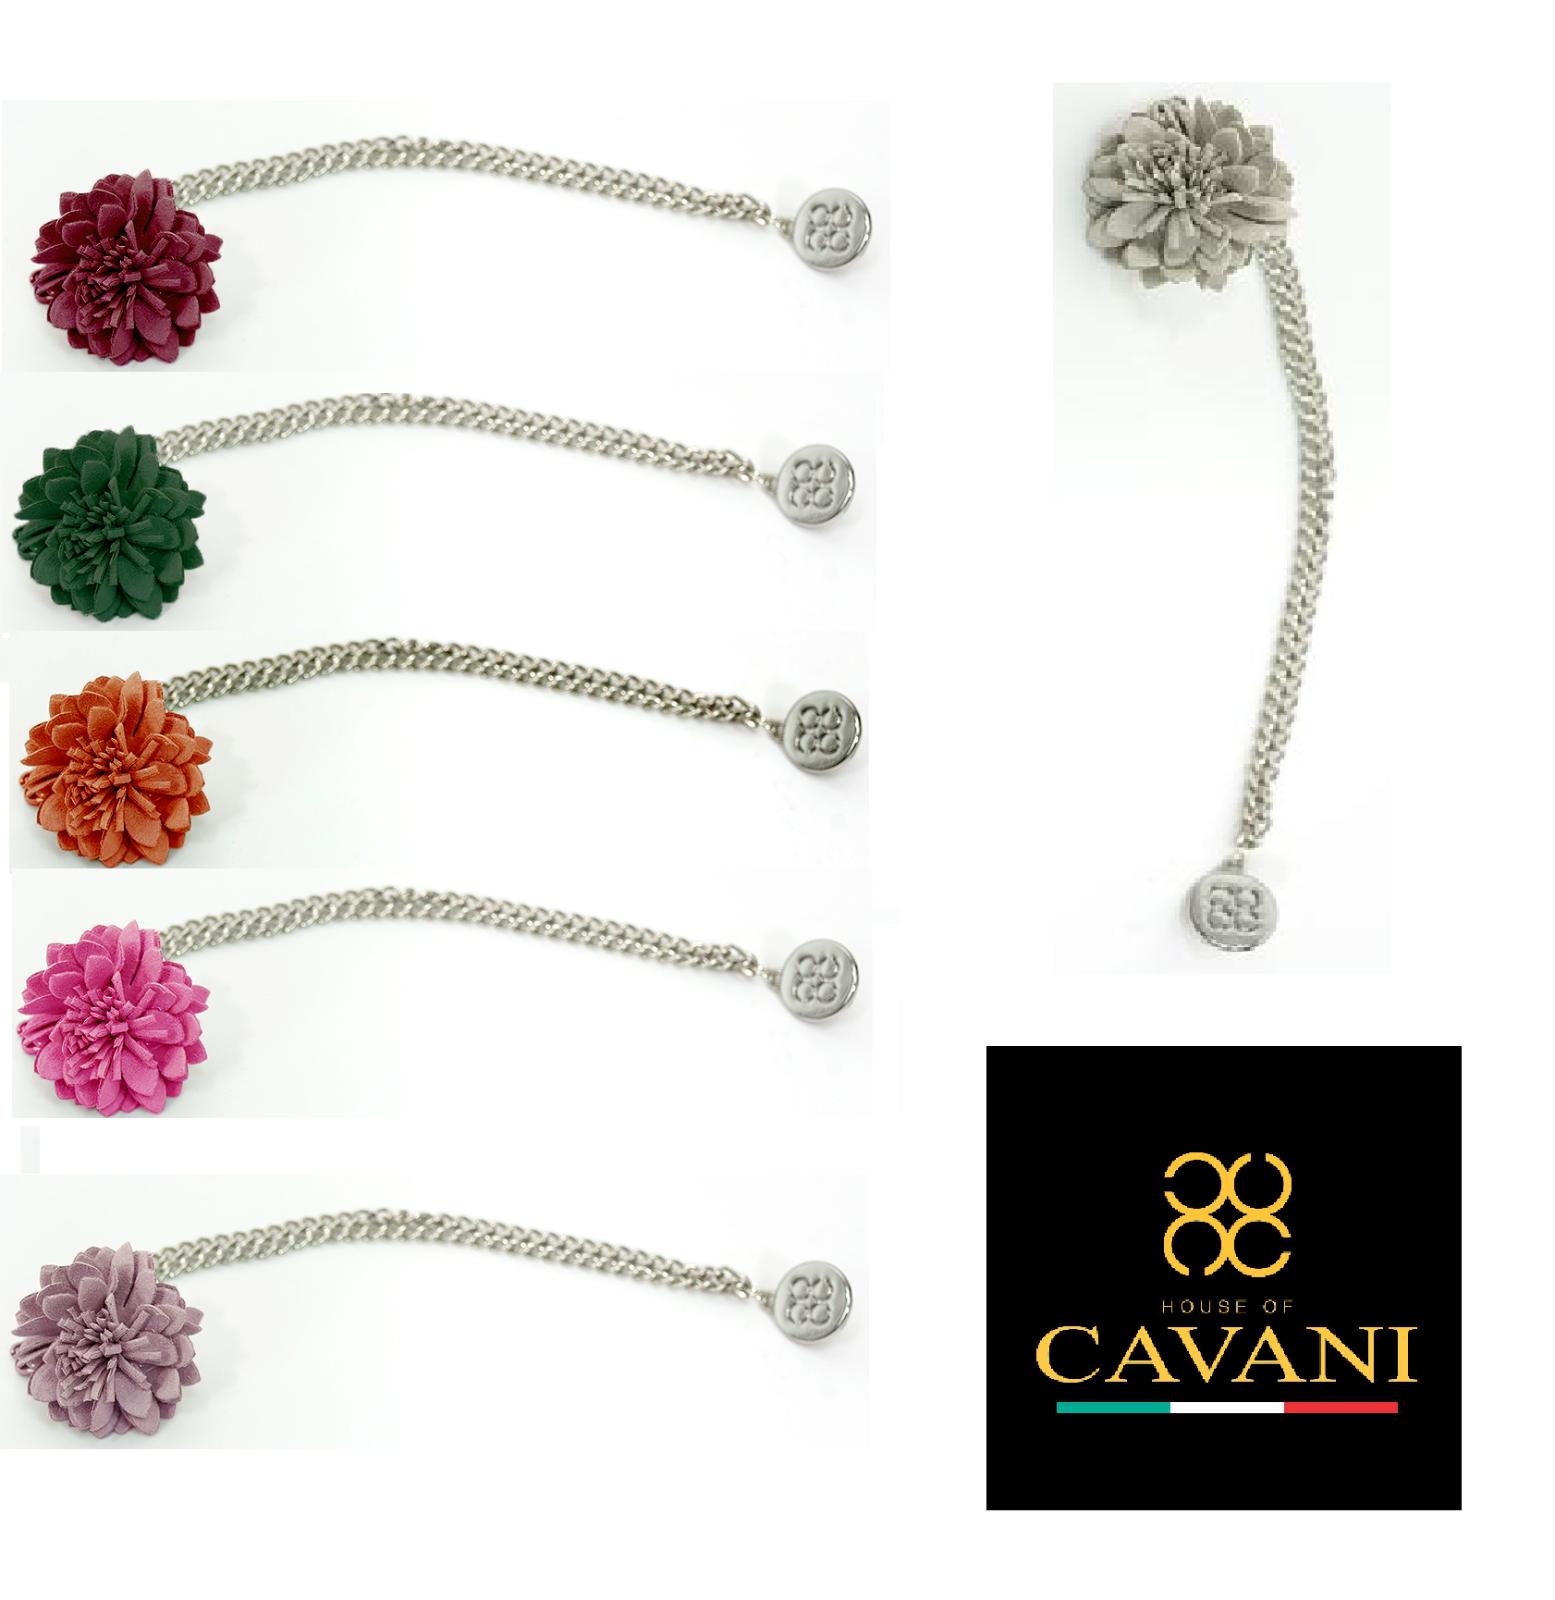 CAVANI FLOWER CHAIN PEAKY BLINDERS